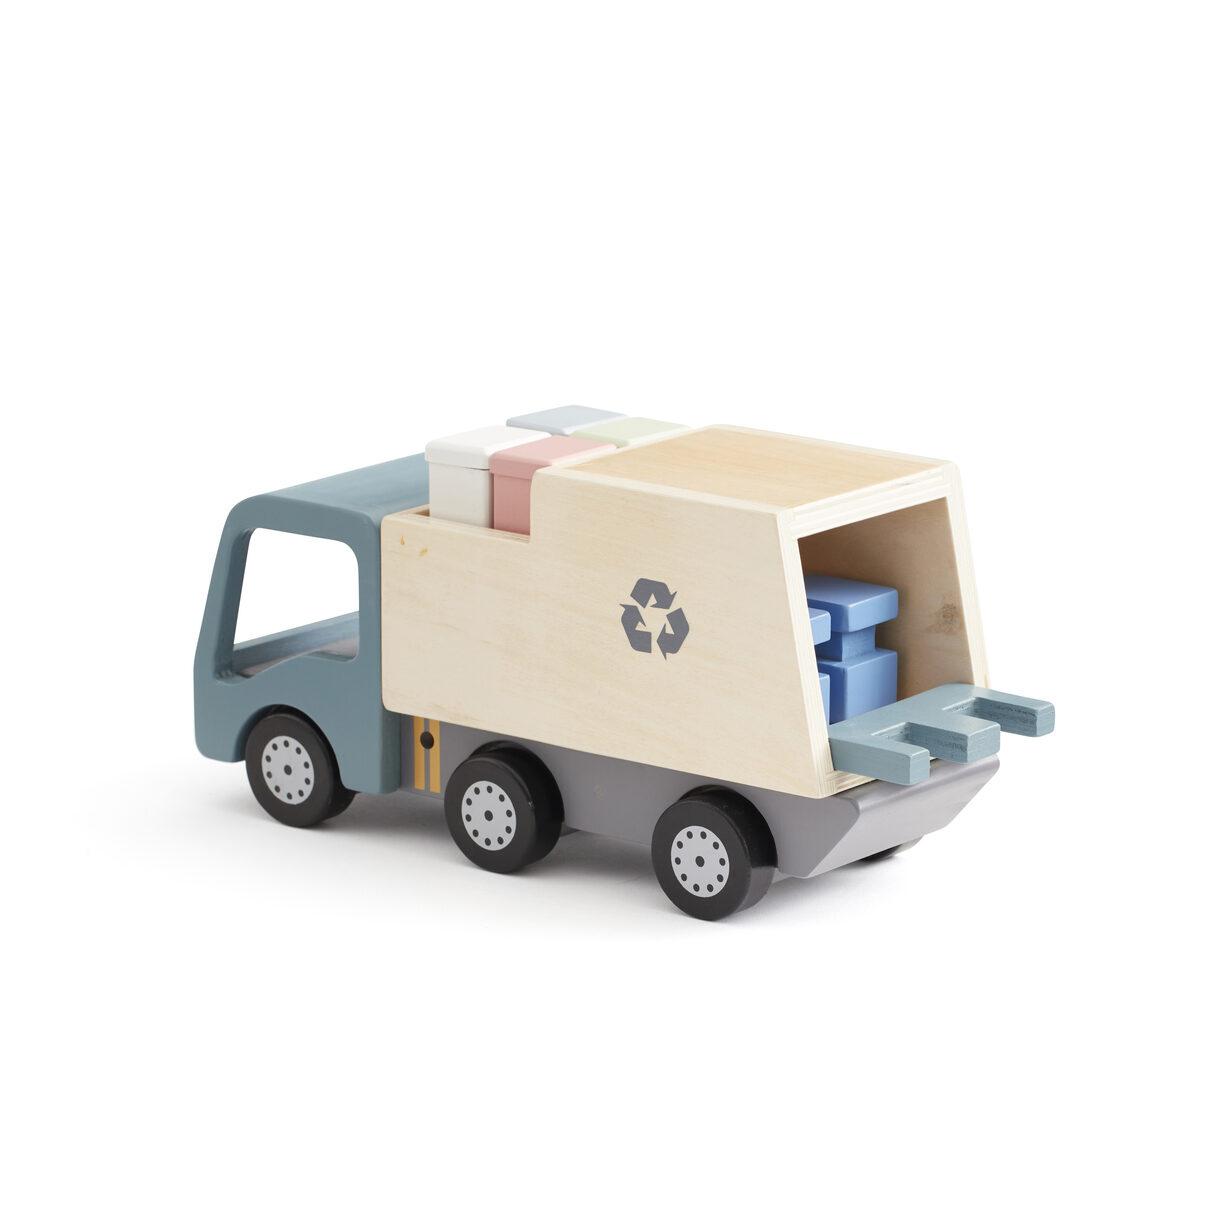 1000424 Garbage Truck Aiden_2_S